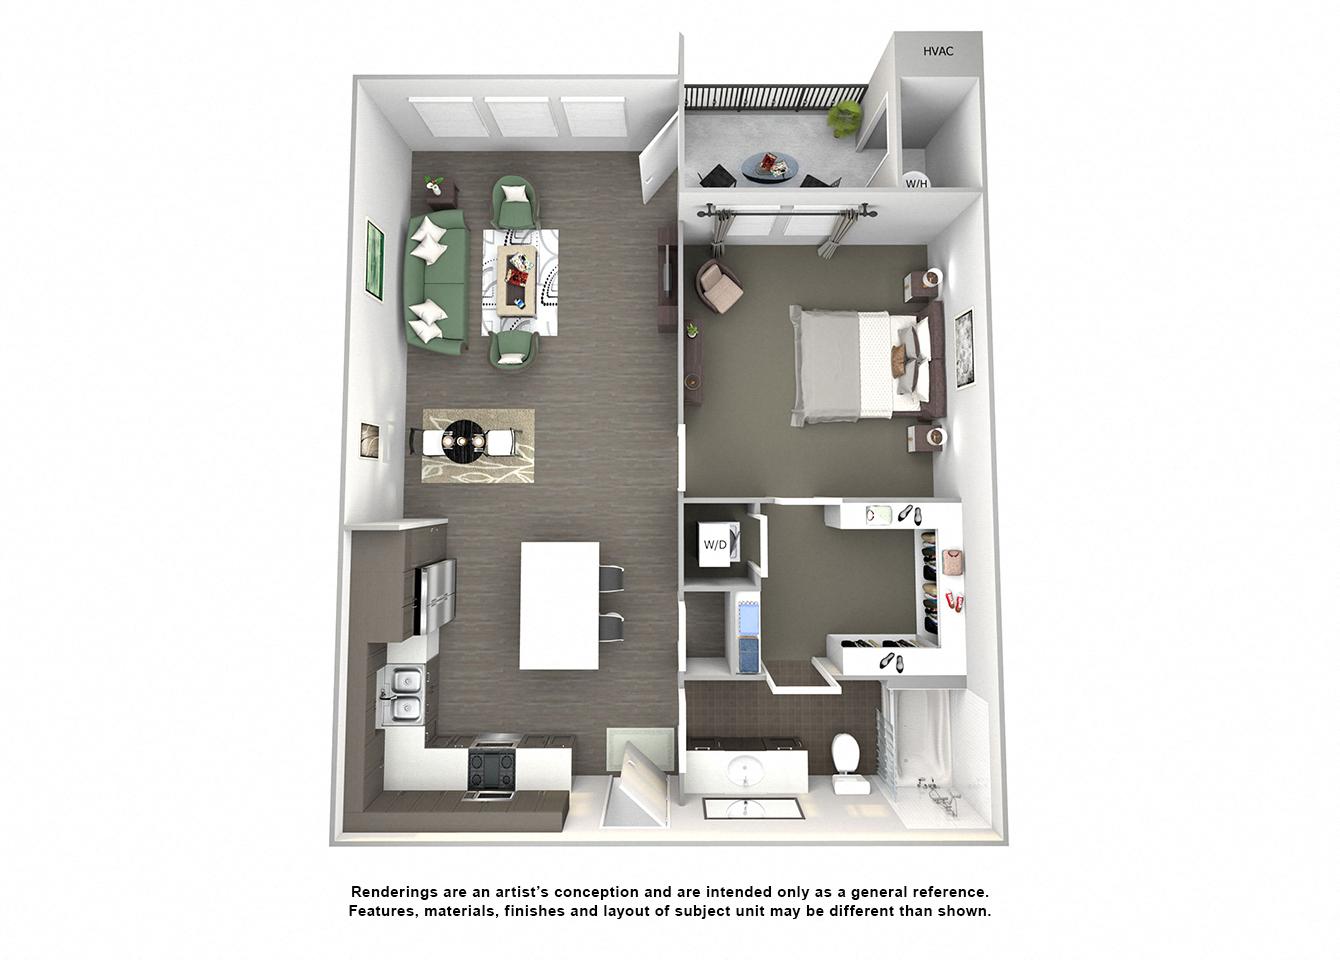 3d floor plan of A3 Challenger one bedroom